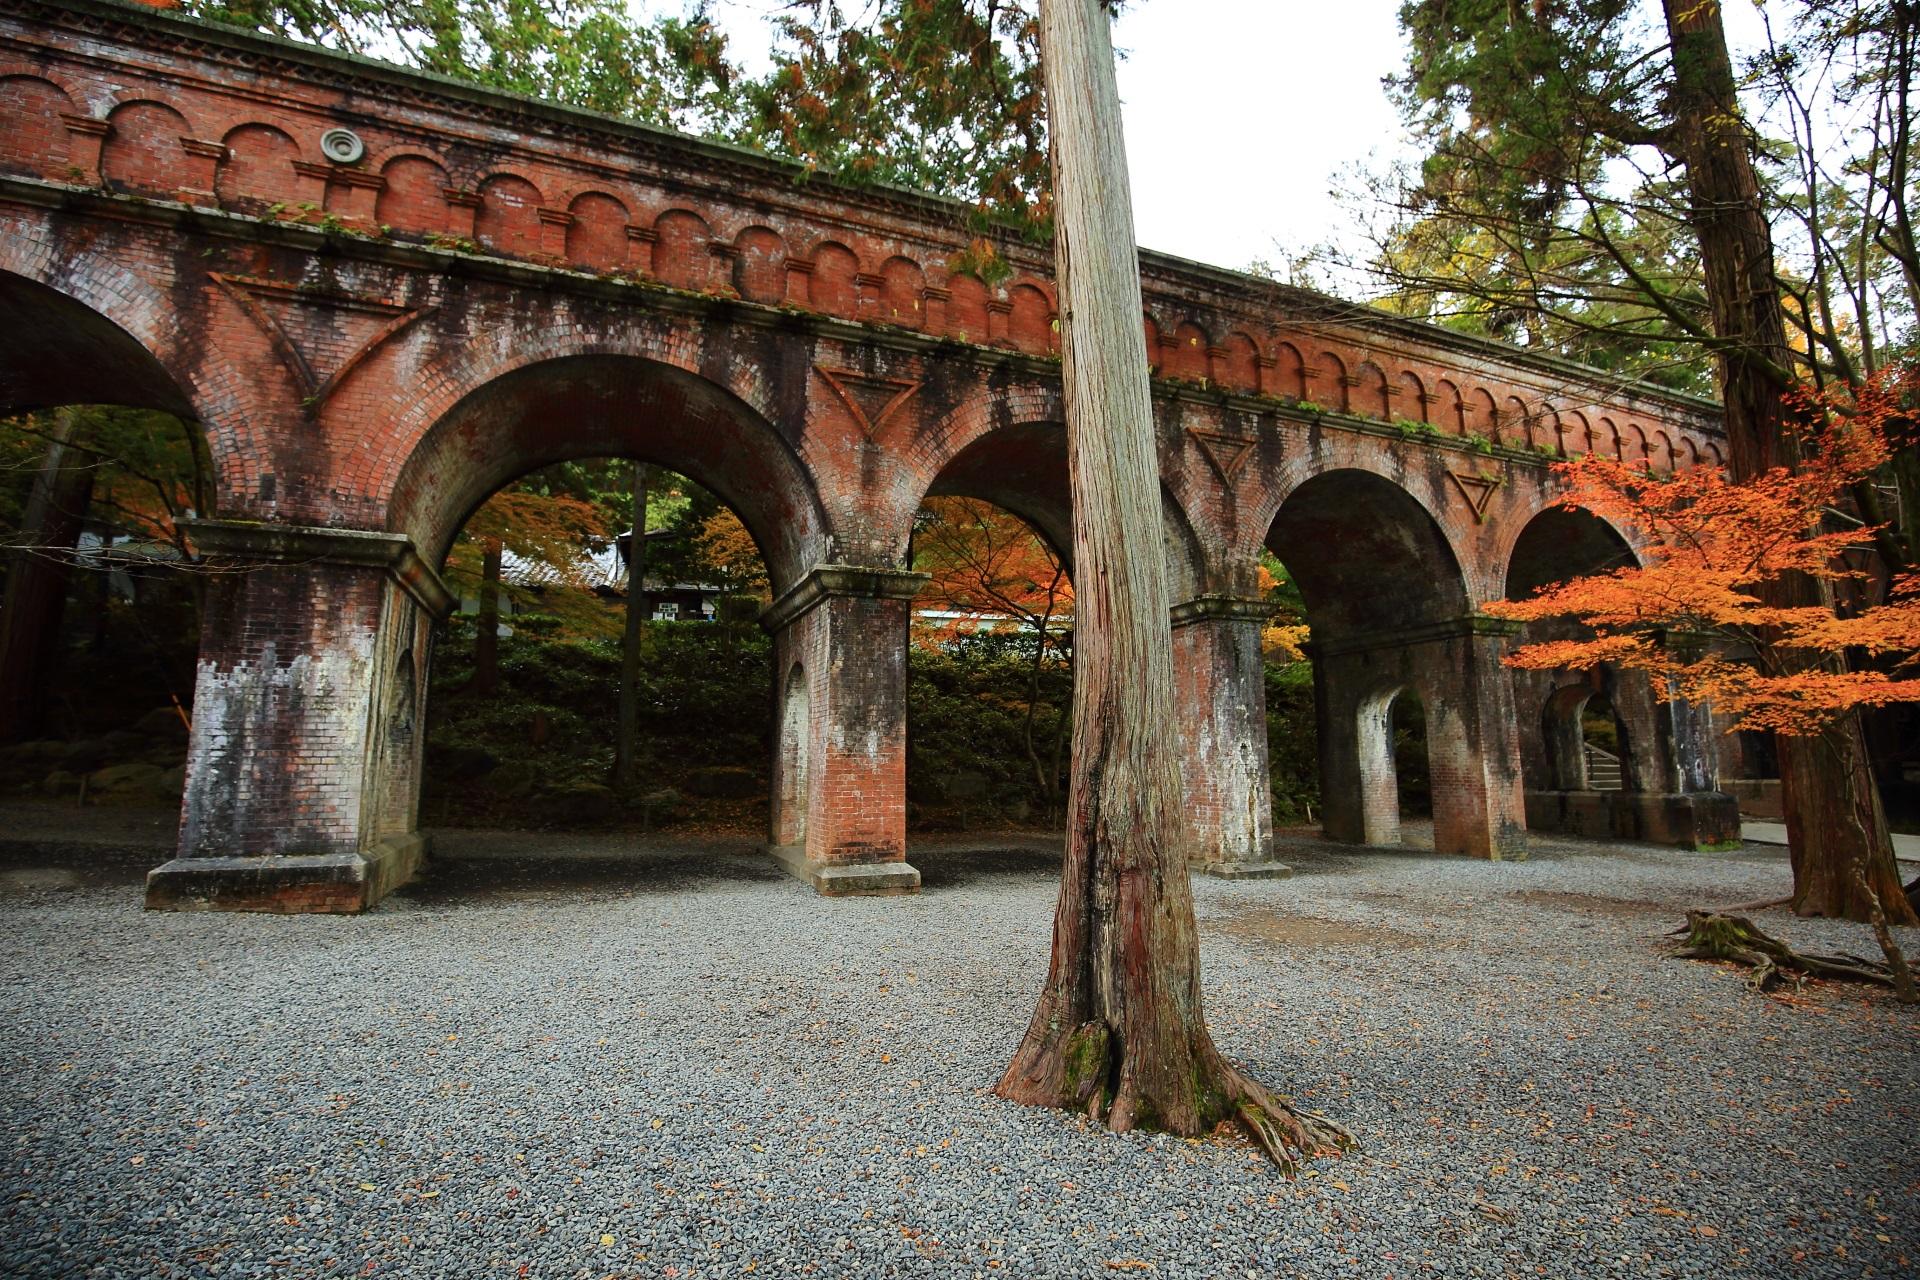 秋の紅葉に染まるレトロな水路閣